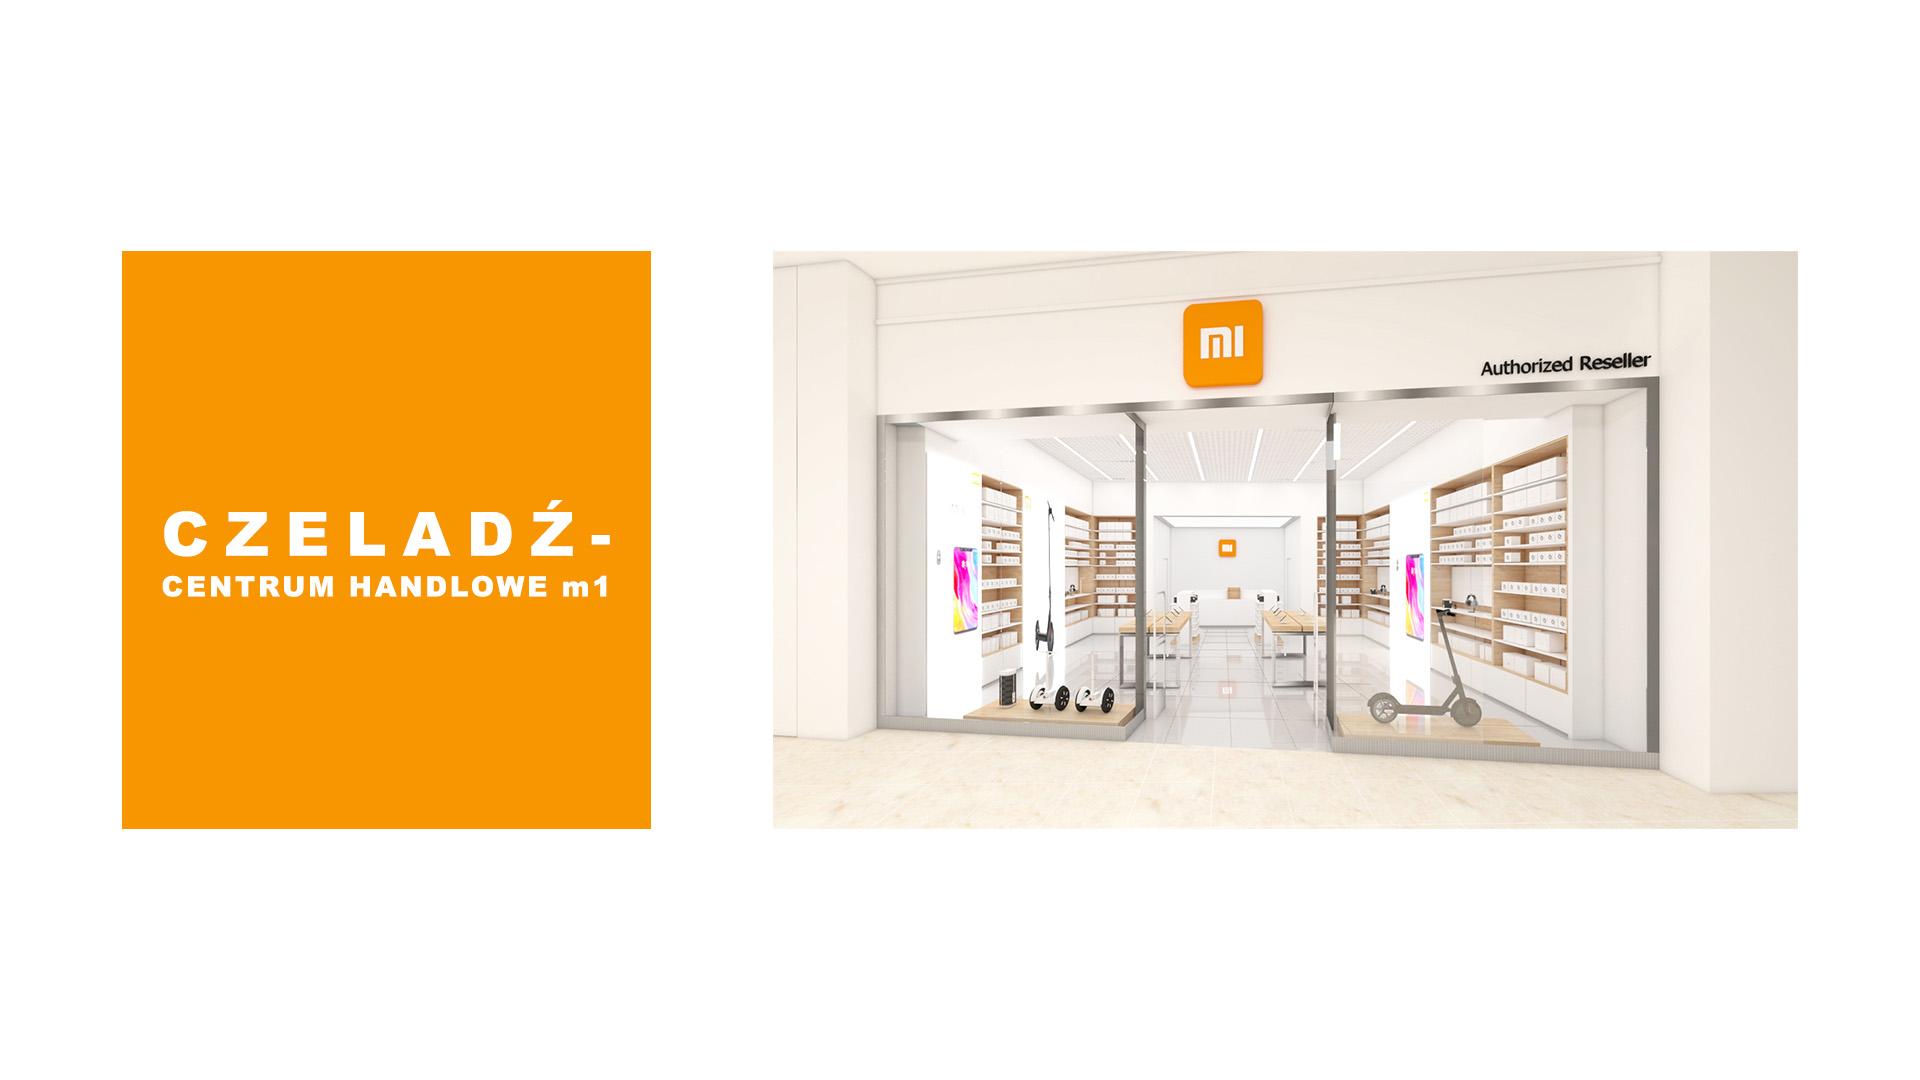 Mi-Store - Czeladź - Centrum Handlowe m1